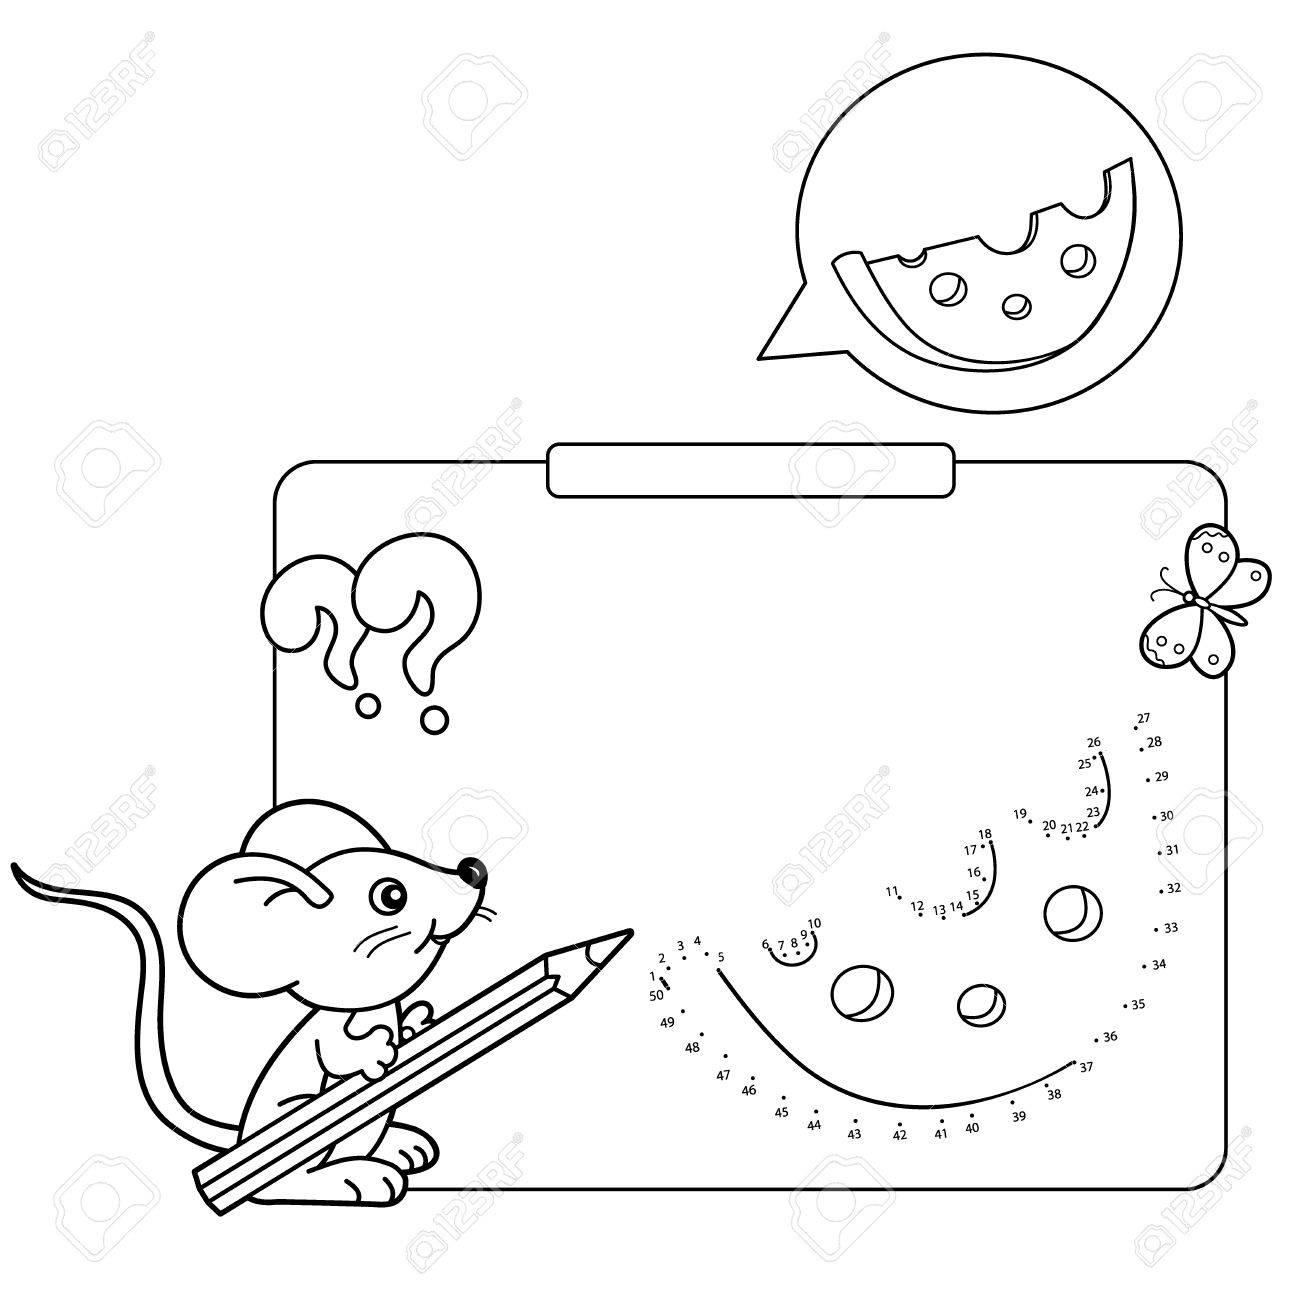 Juegos Educativos Para Niños Juego De Números Queso Dibujo Para